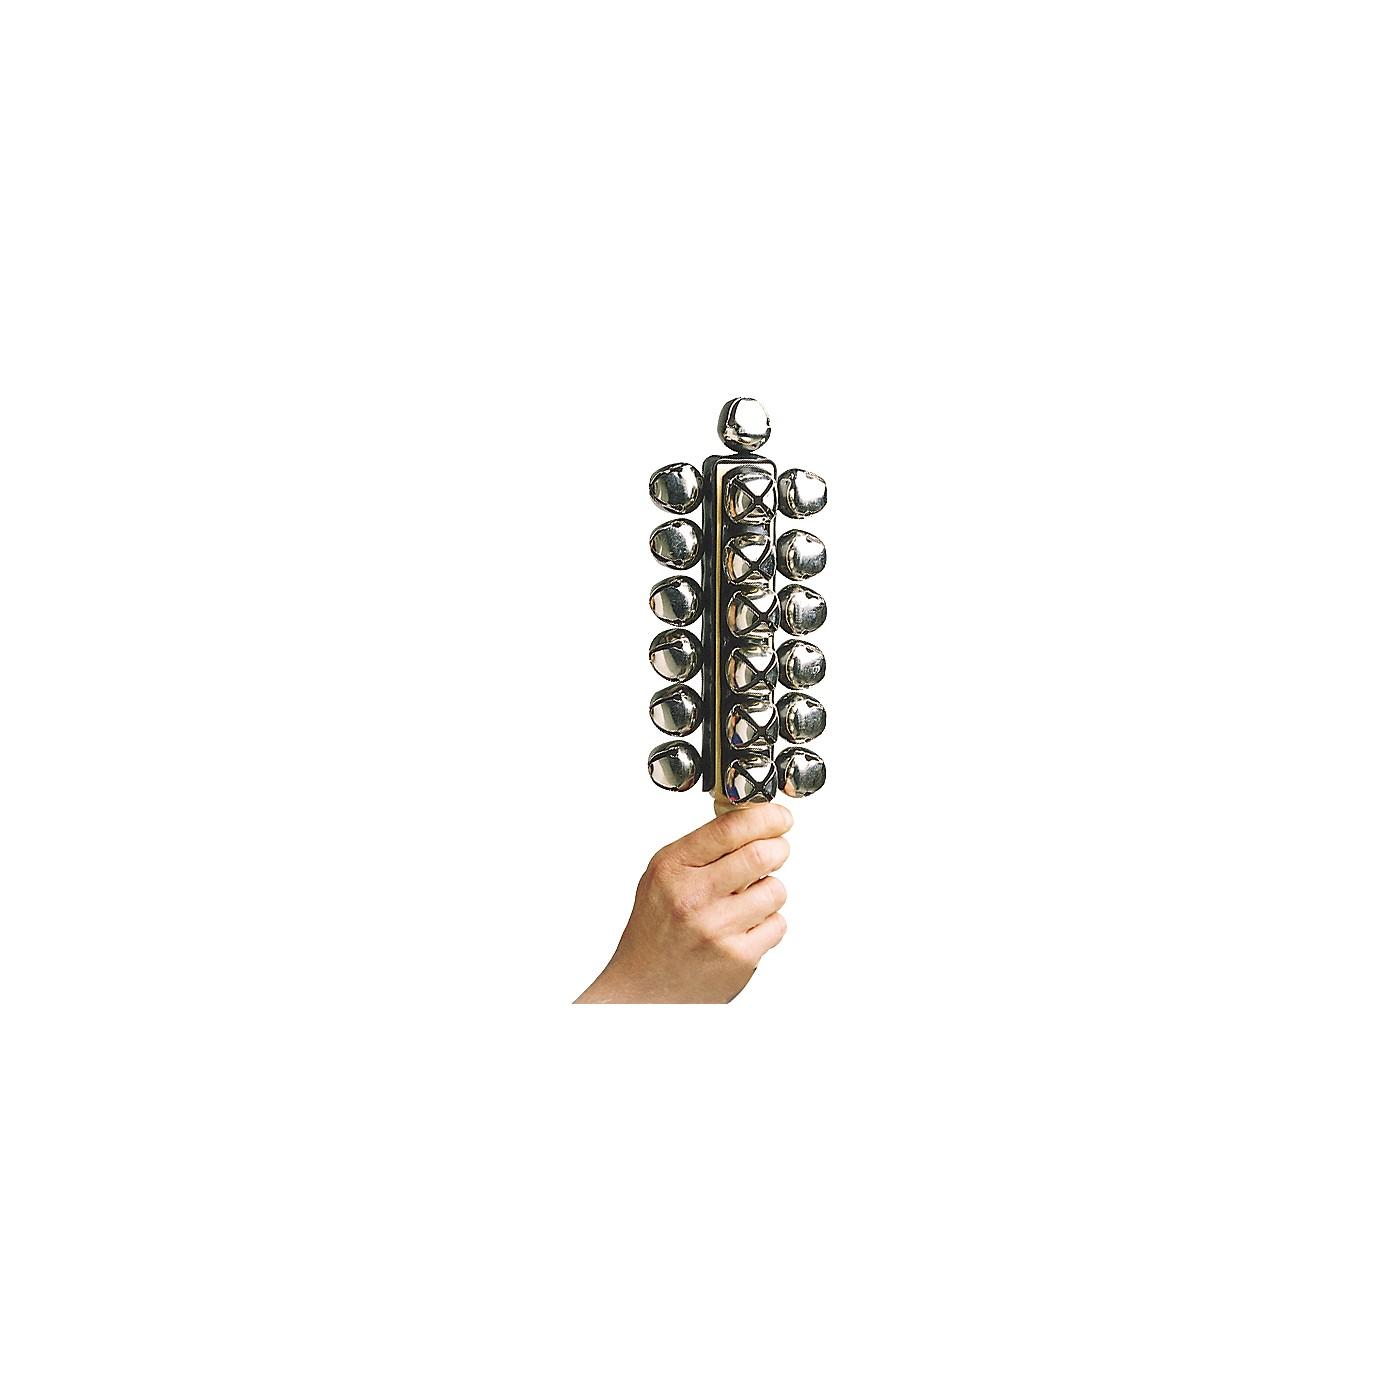 LP CP374 24-Bell Sleigh Bells thumbnail